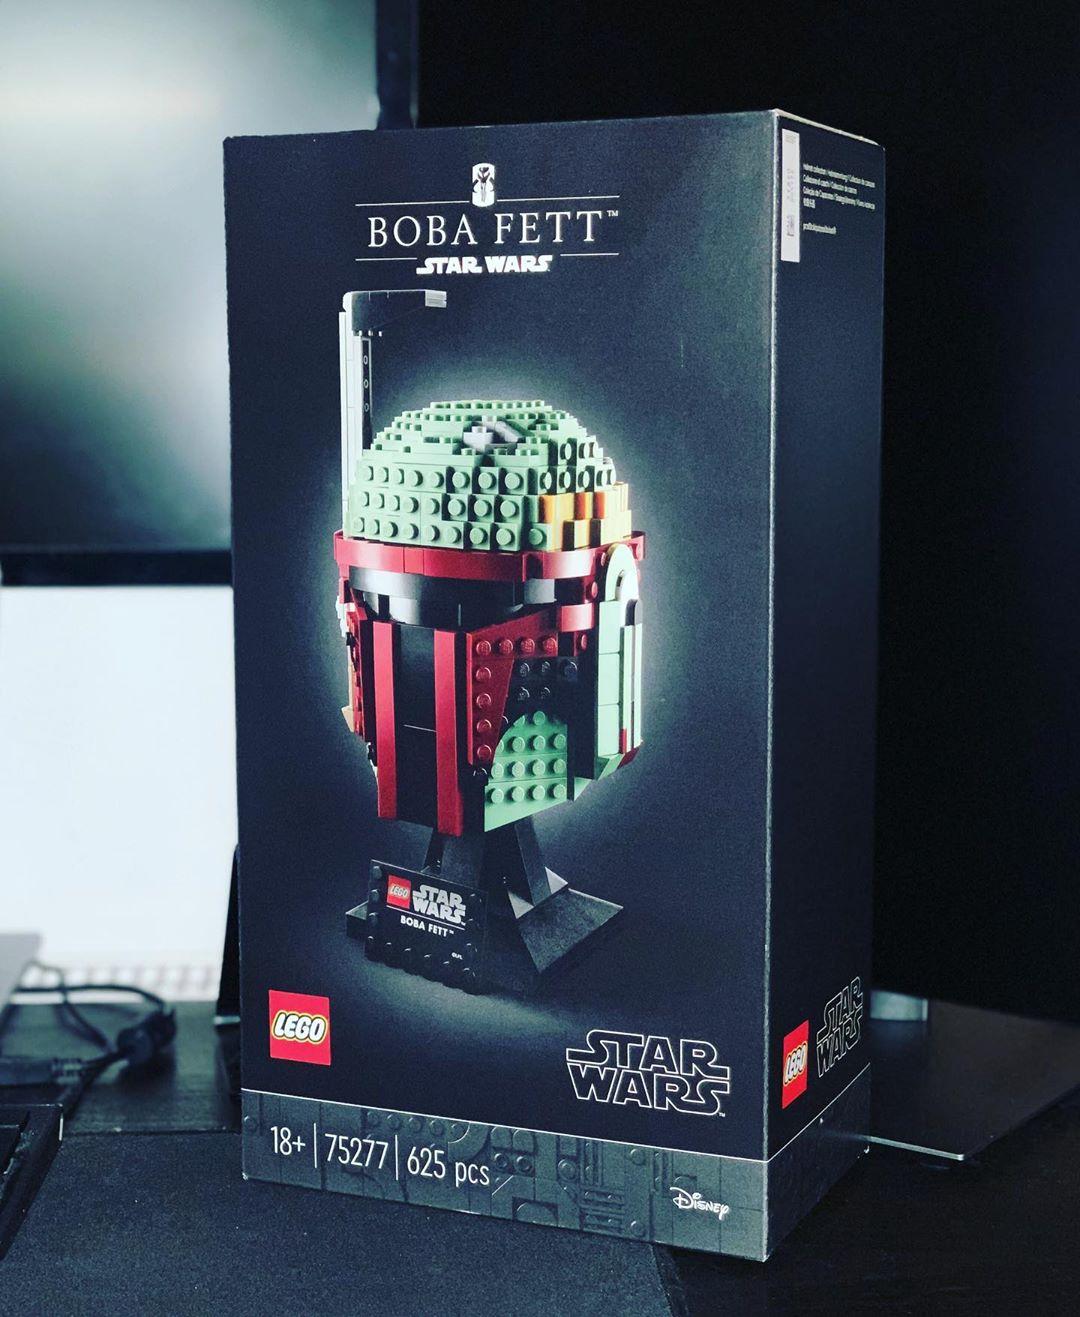 Vatertag ist Legotag 😍 jedes Jahr überraschen mich meine Lieben mit einem Legogeschenk zum Vatertag #vatertag #lego #starwars